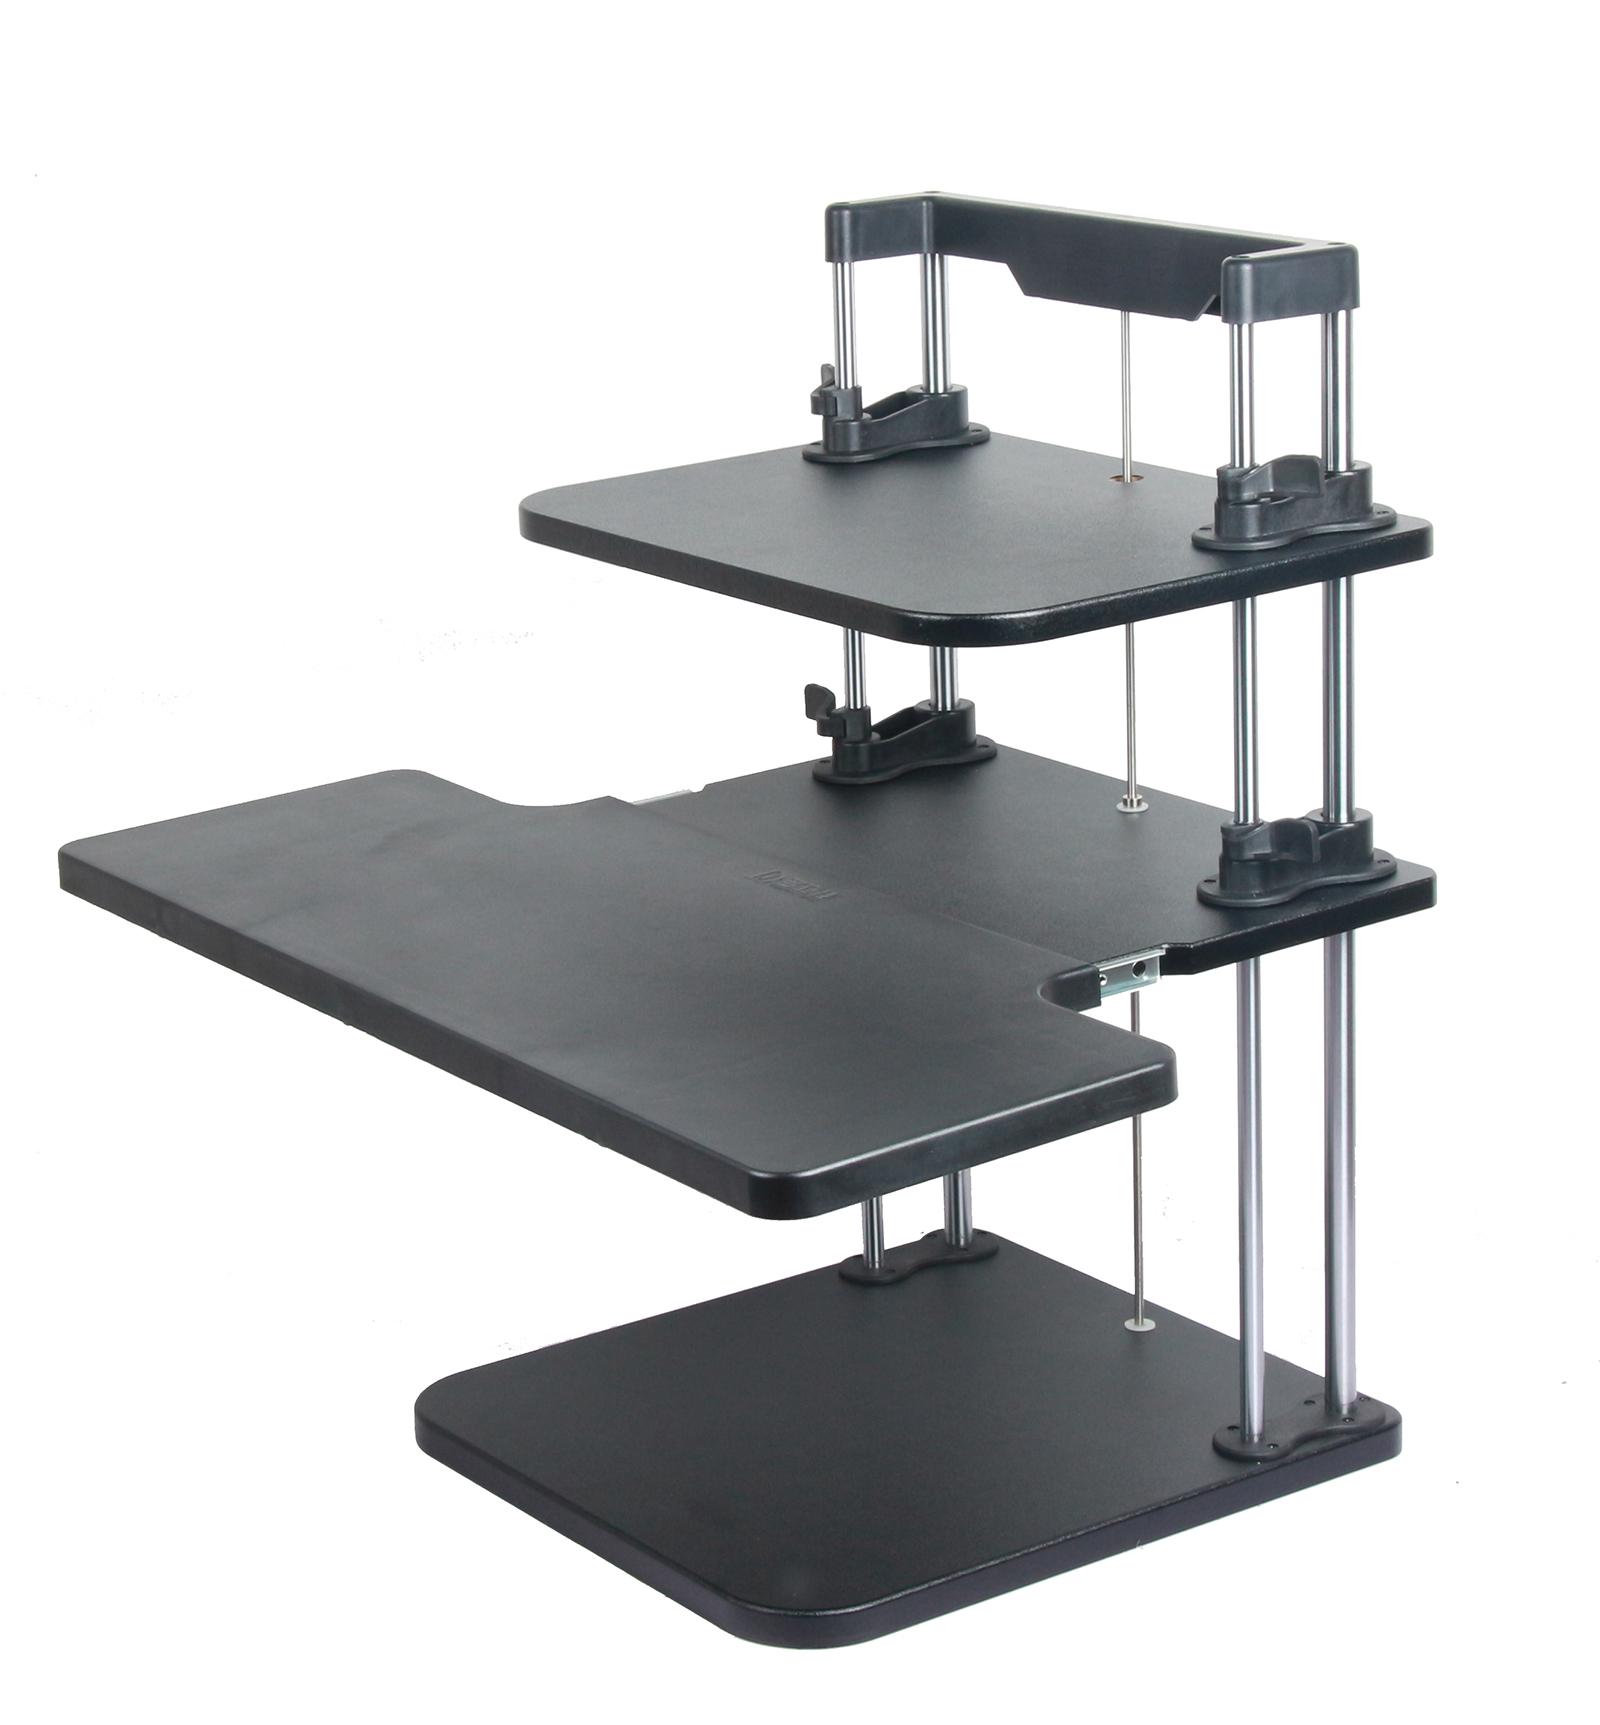 height width adjustable computer laptop standing desk sit stand up desk office ebay. Black Bedroom Furniture Sets. Home Design Ideas